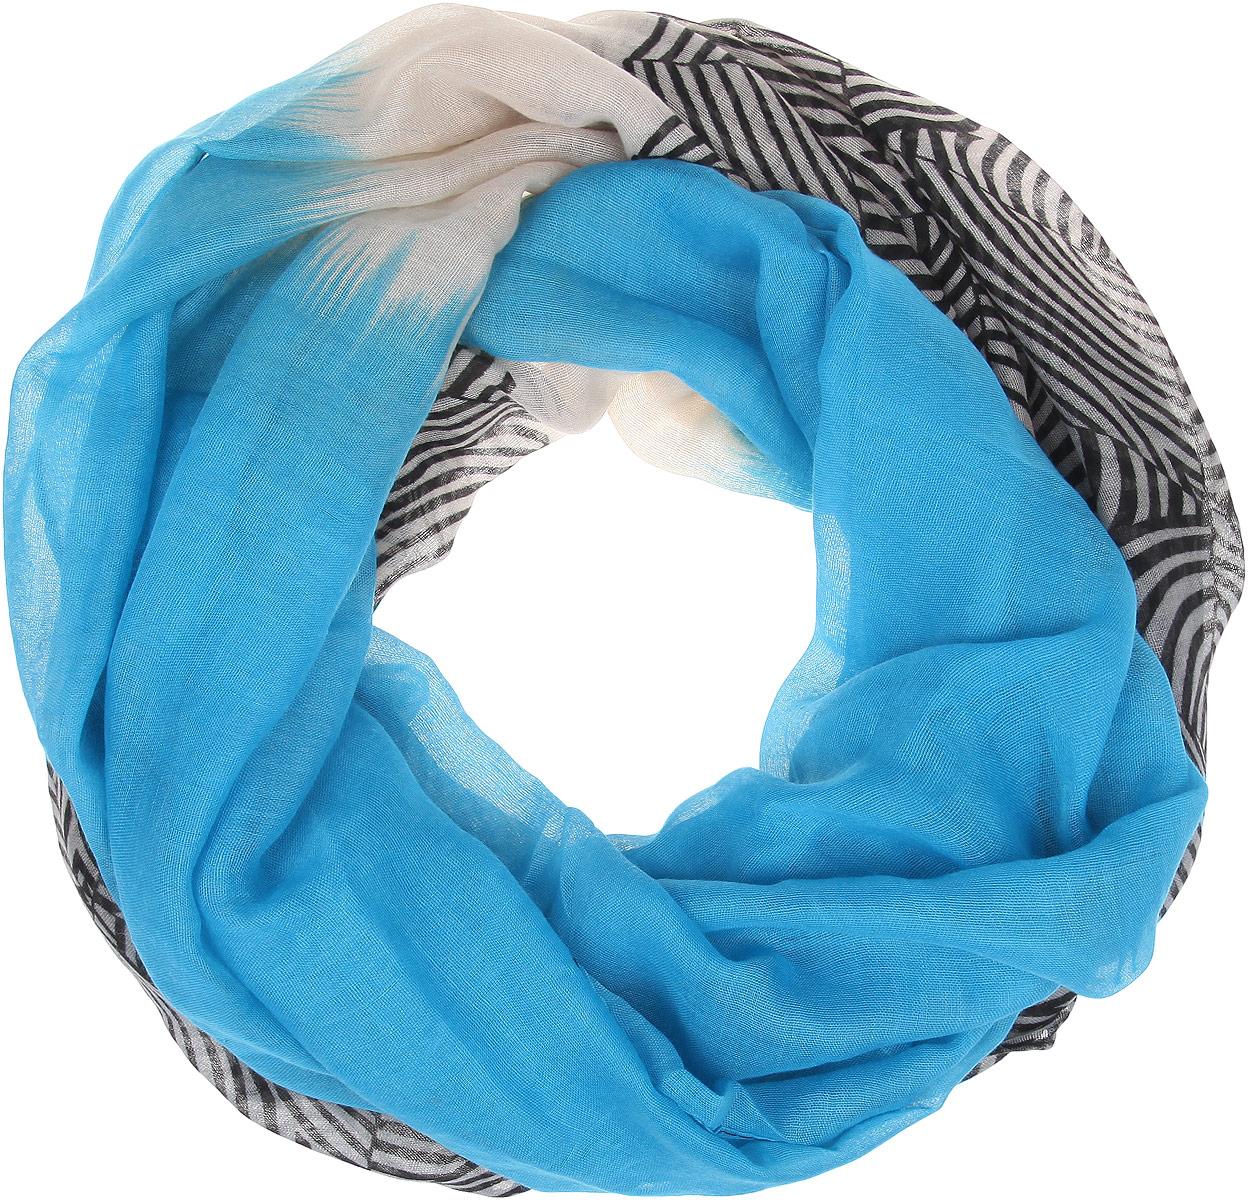 Палантин женский Moodo, цвет: голубой, белый, черный. L-SZ-2013 BLUE. Размер 190 см х 90 смL-SZ-2013_BLUEЭлегантный палантин Moodo согреет вас в непогоду и станет достойным завершением вашего образа.Палантин изготовлен из высококачественного полиэстера. Легкий и приятный на ощупь палантин классического кроя оформлен оригинальным принтом.Палантин красиво драпируется, он превосходно дополнит любой наряд и подчеркнет ваш изысканный вкус.Легкий и изящный палантин привнесет в ваш образ утонченность и шарм.